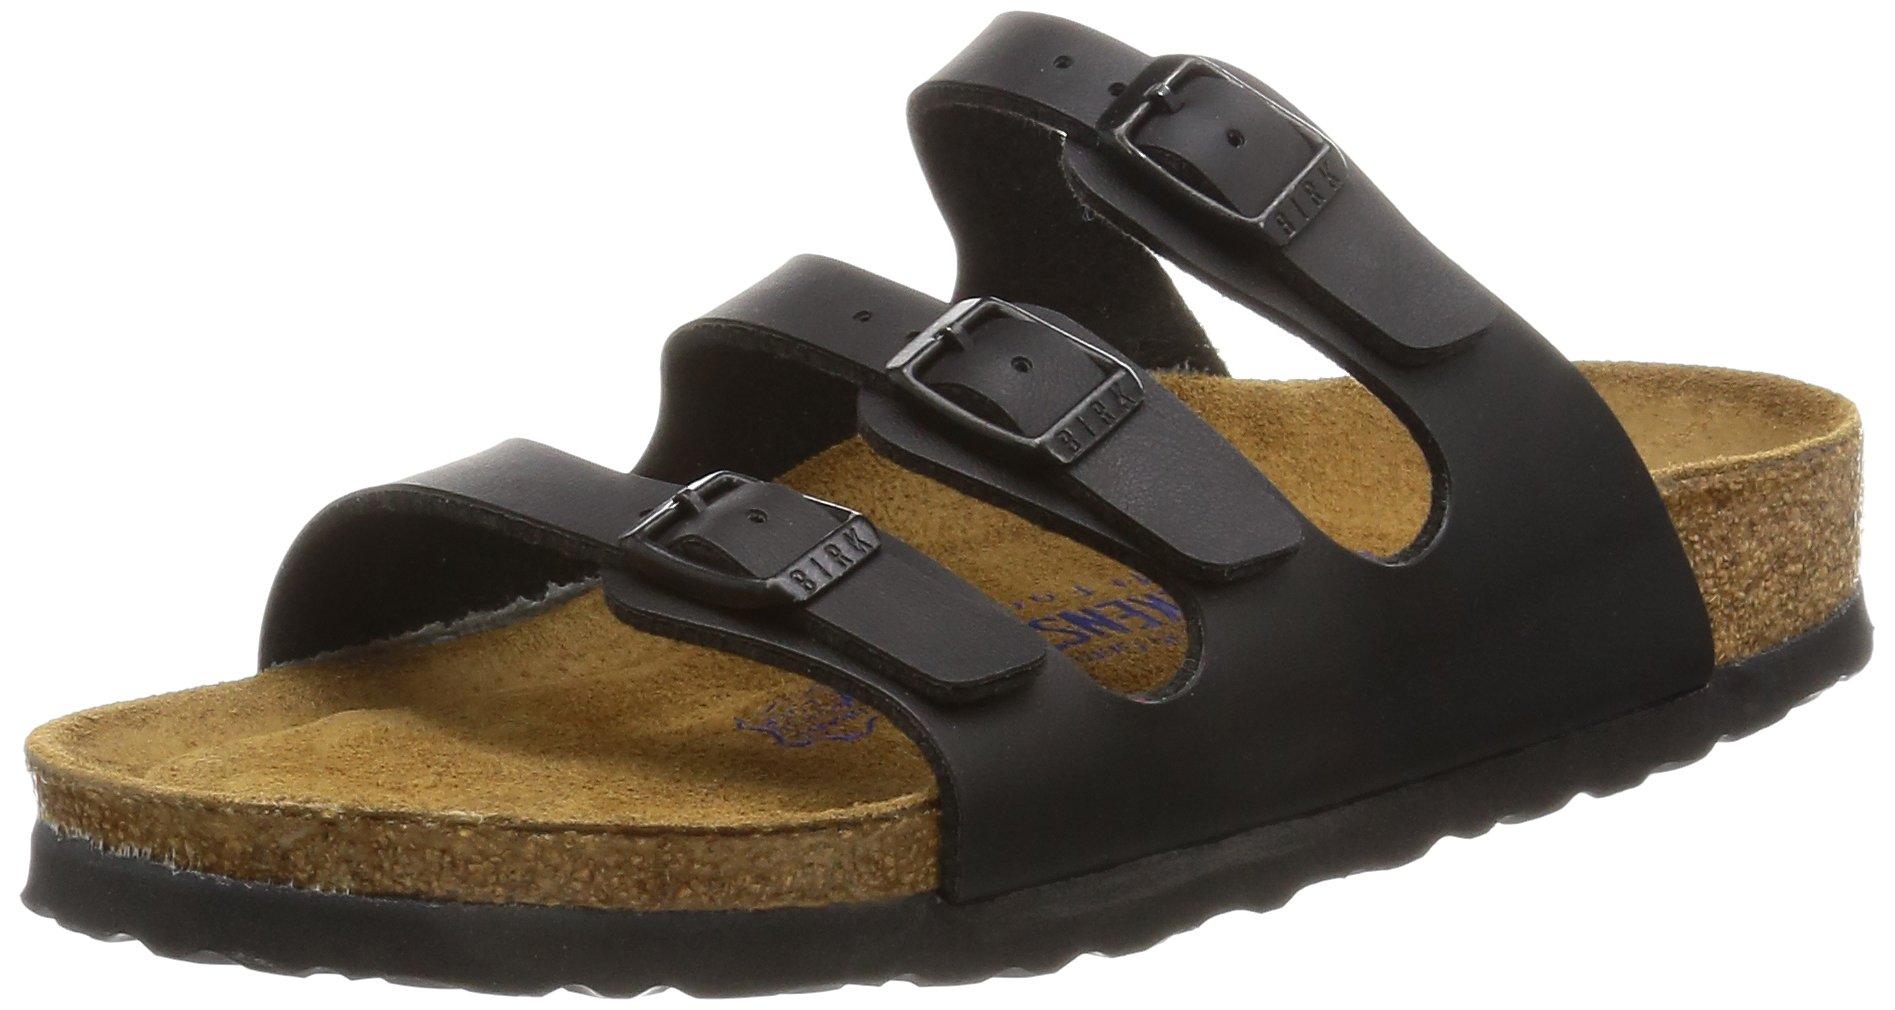 Birkenstock Women's Florida Soft Footbed Birko-Flor  Black Sandals - 38 M EU / 7-7.5 B(M) US